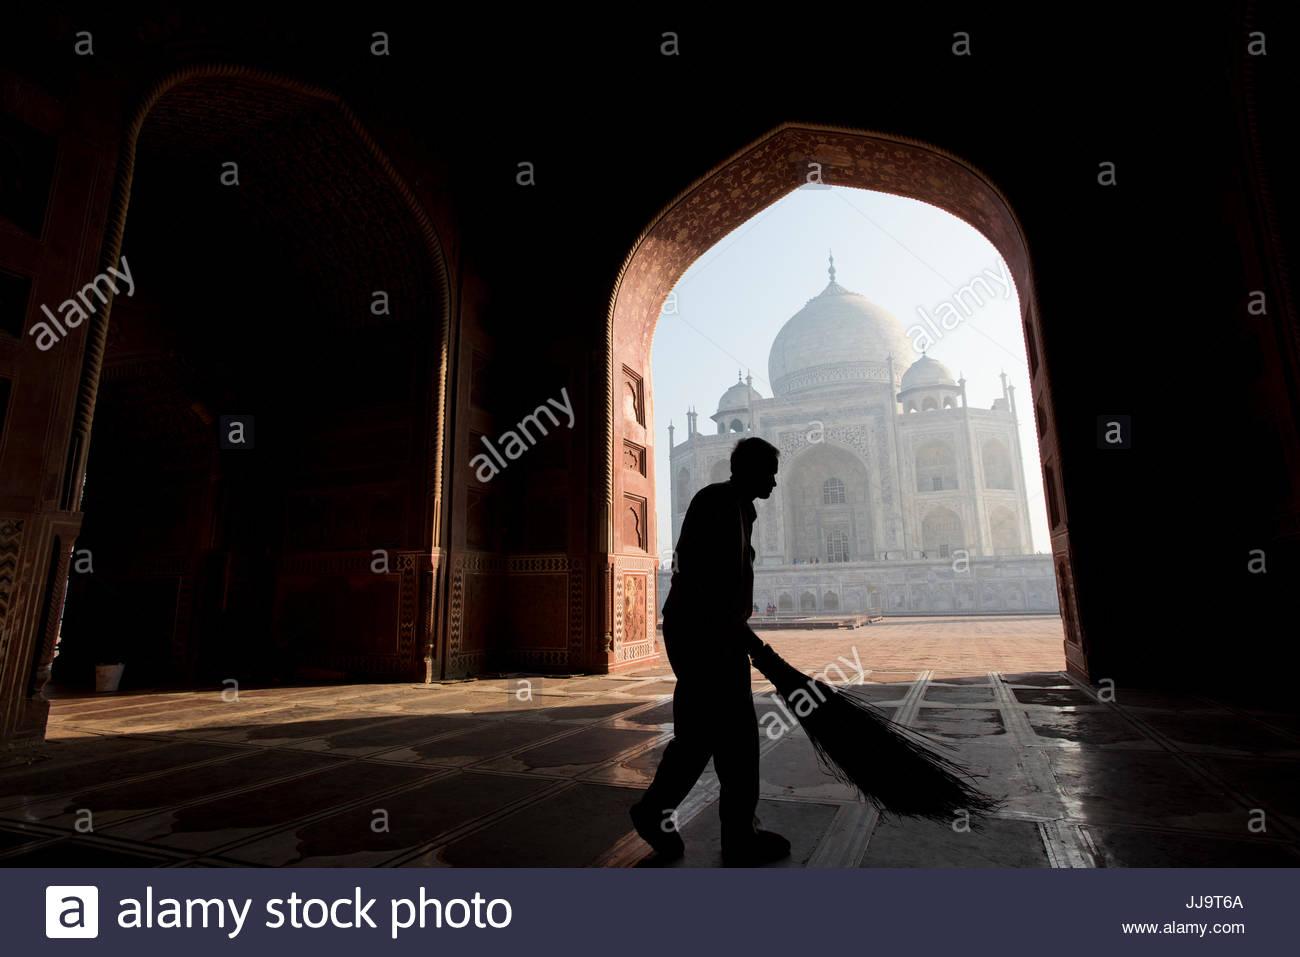 Un uomo indiano spazzare il modo di entrata della moschea accanto al Taj Mahal di Agra, India. Immagini Stock